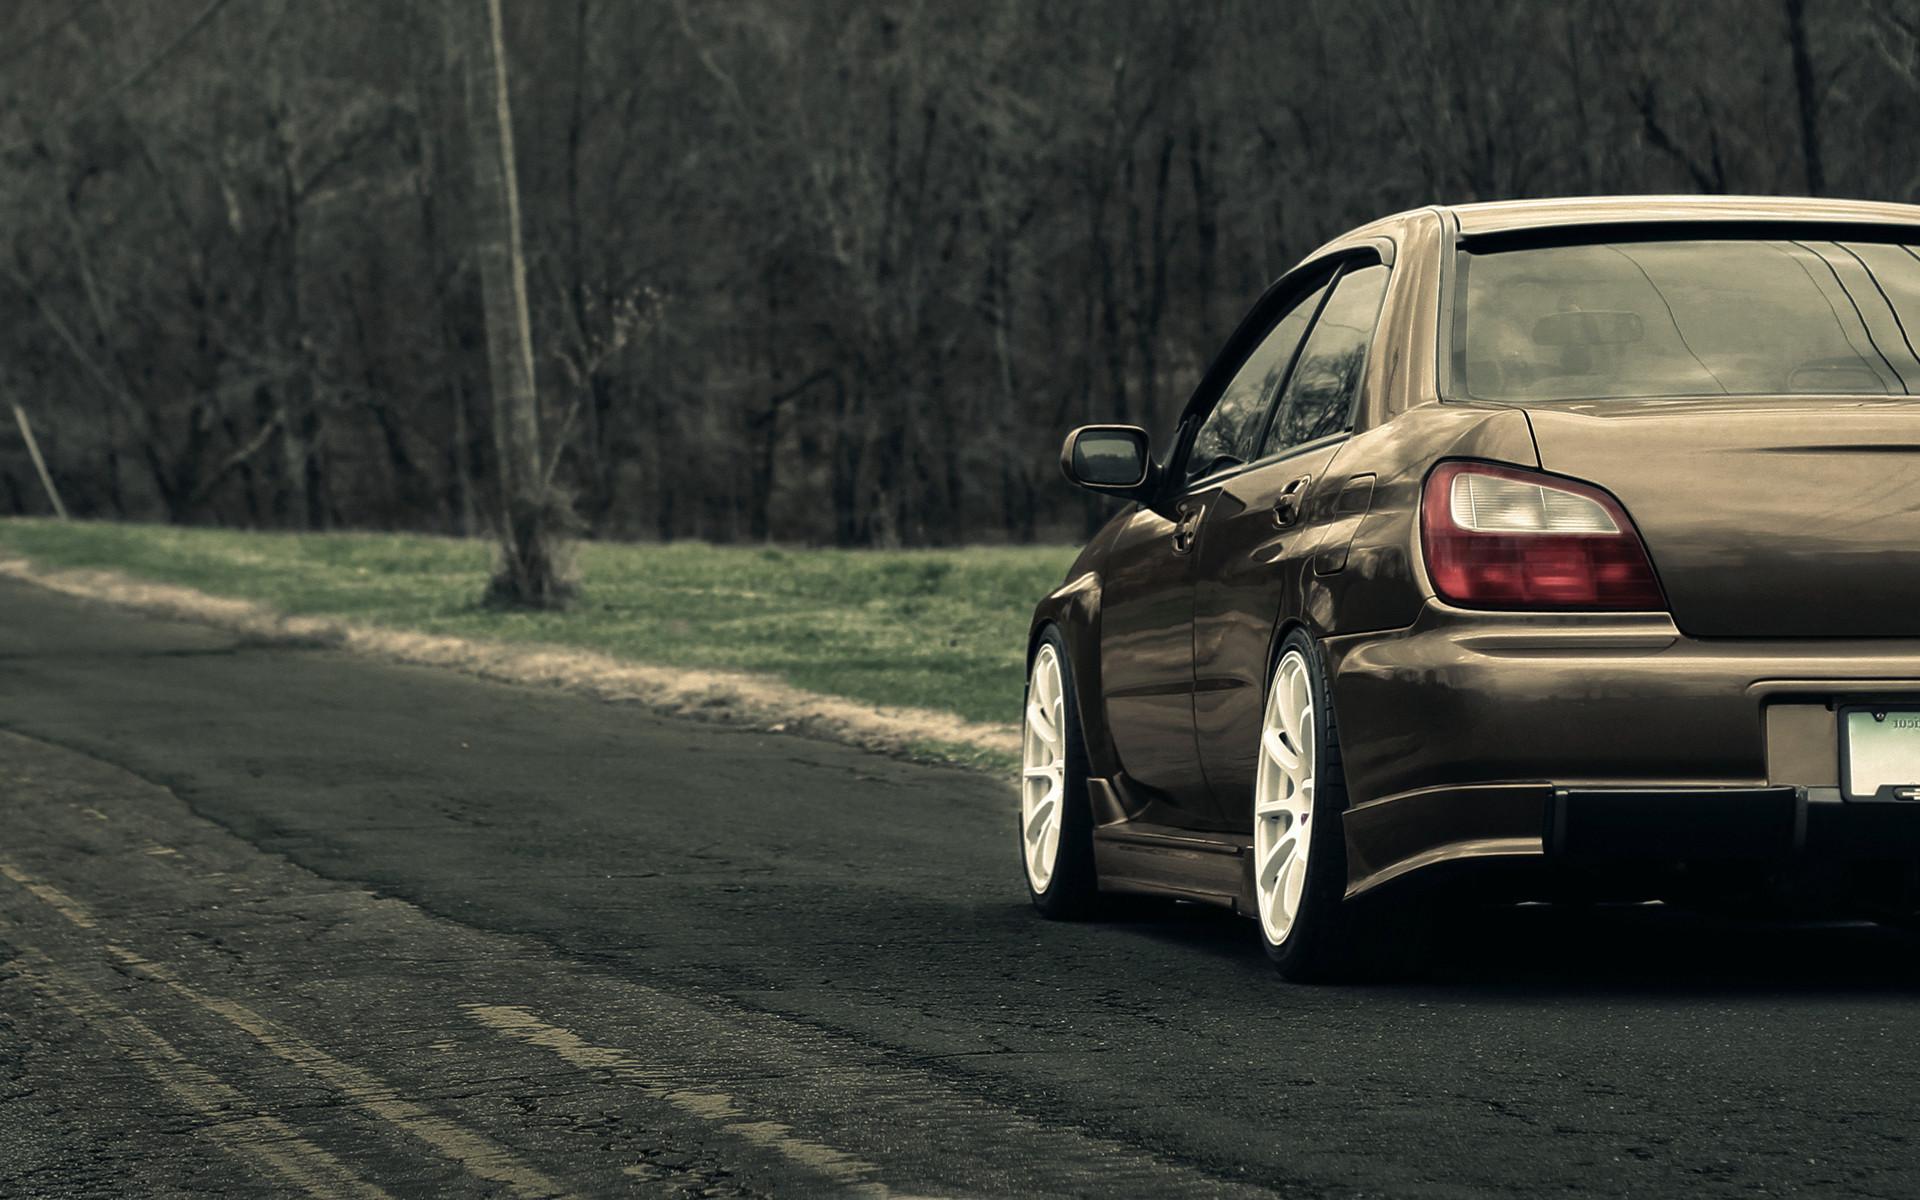 Subaru Wrx Wallpaper 67 images 1920x1200